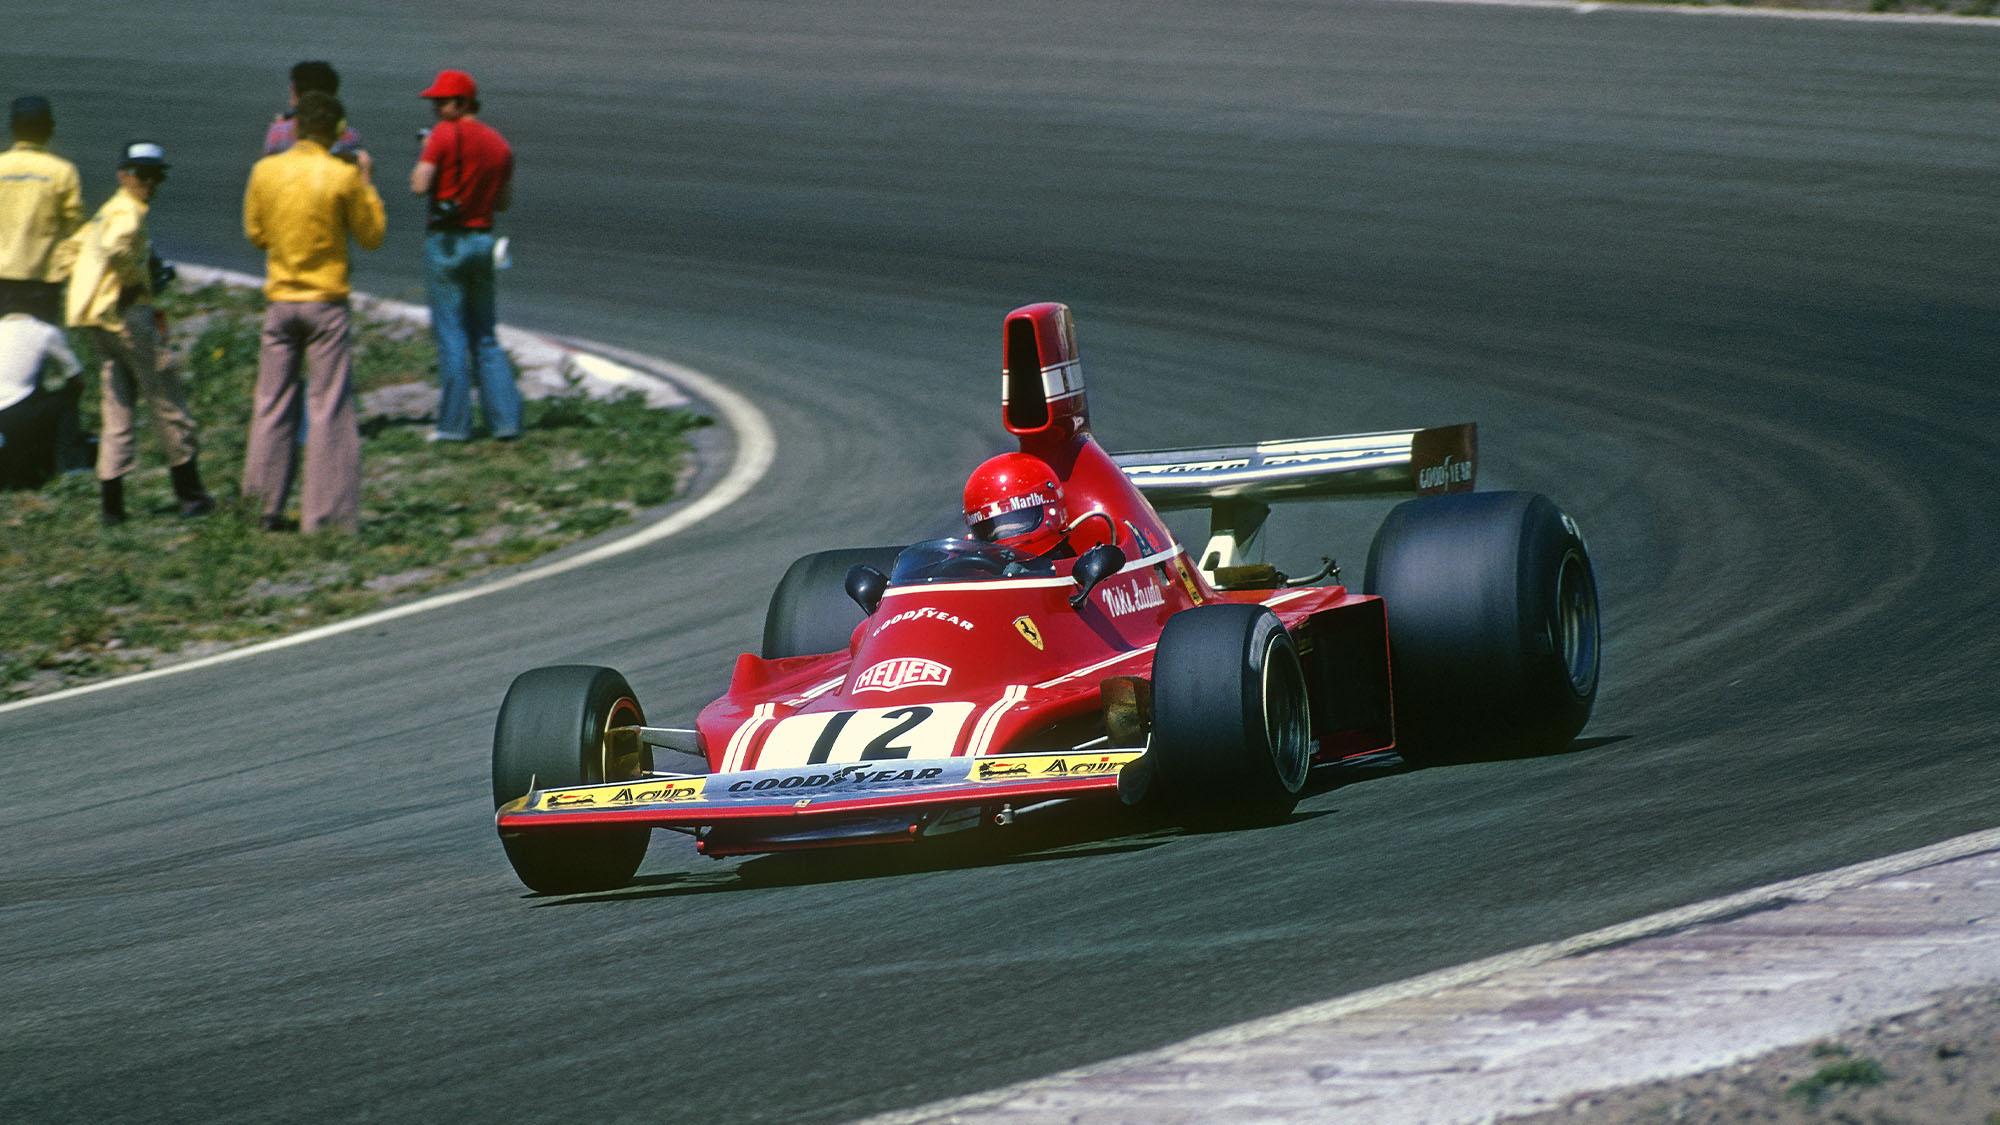 Lauda Ferrari